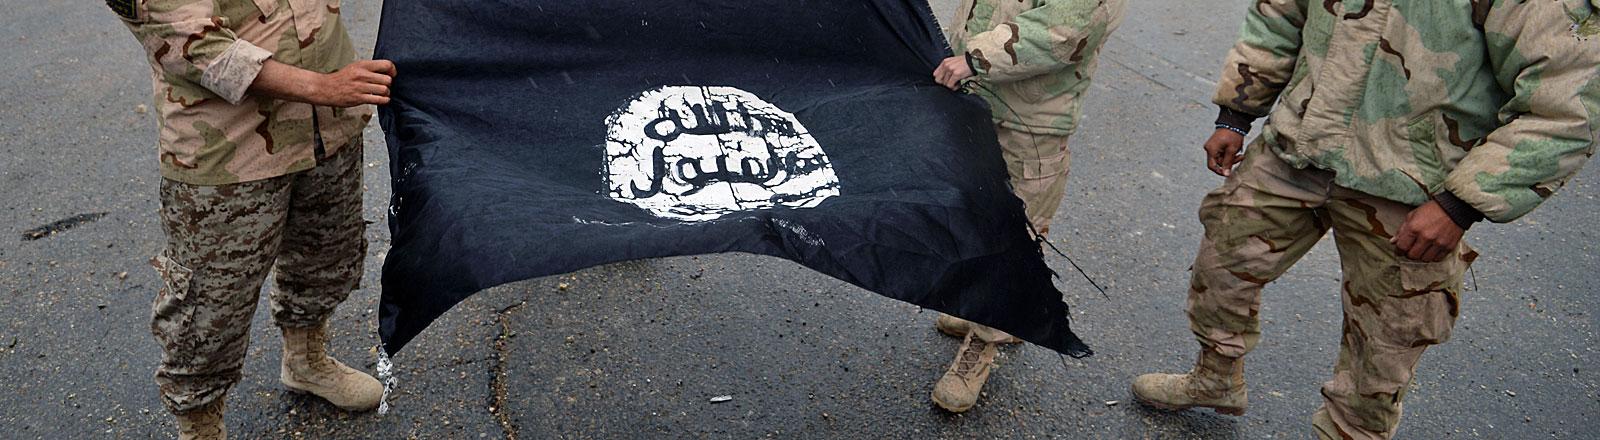 IS-Flagge wird von Soldaten gehalten, die man nicht erkennt